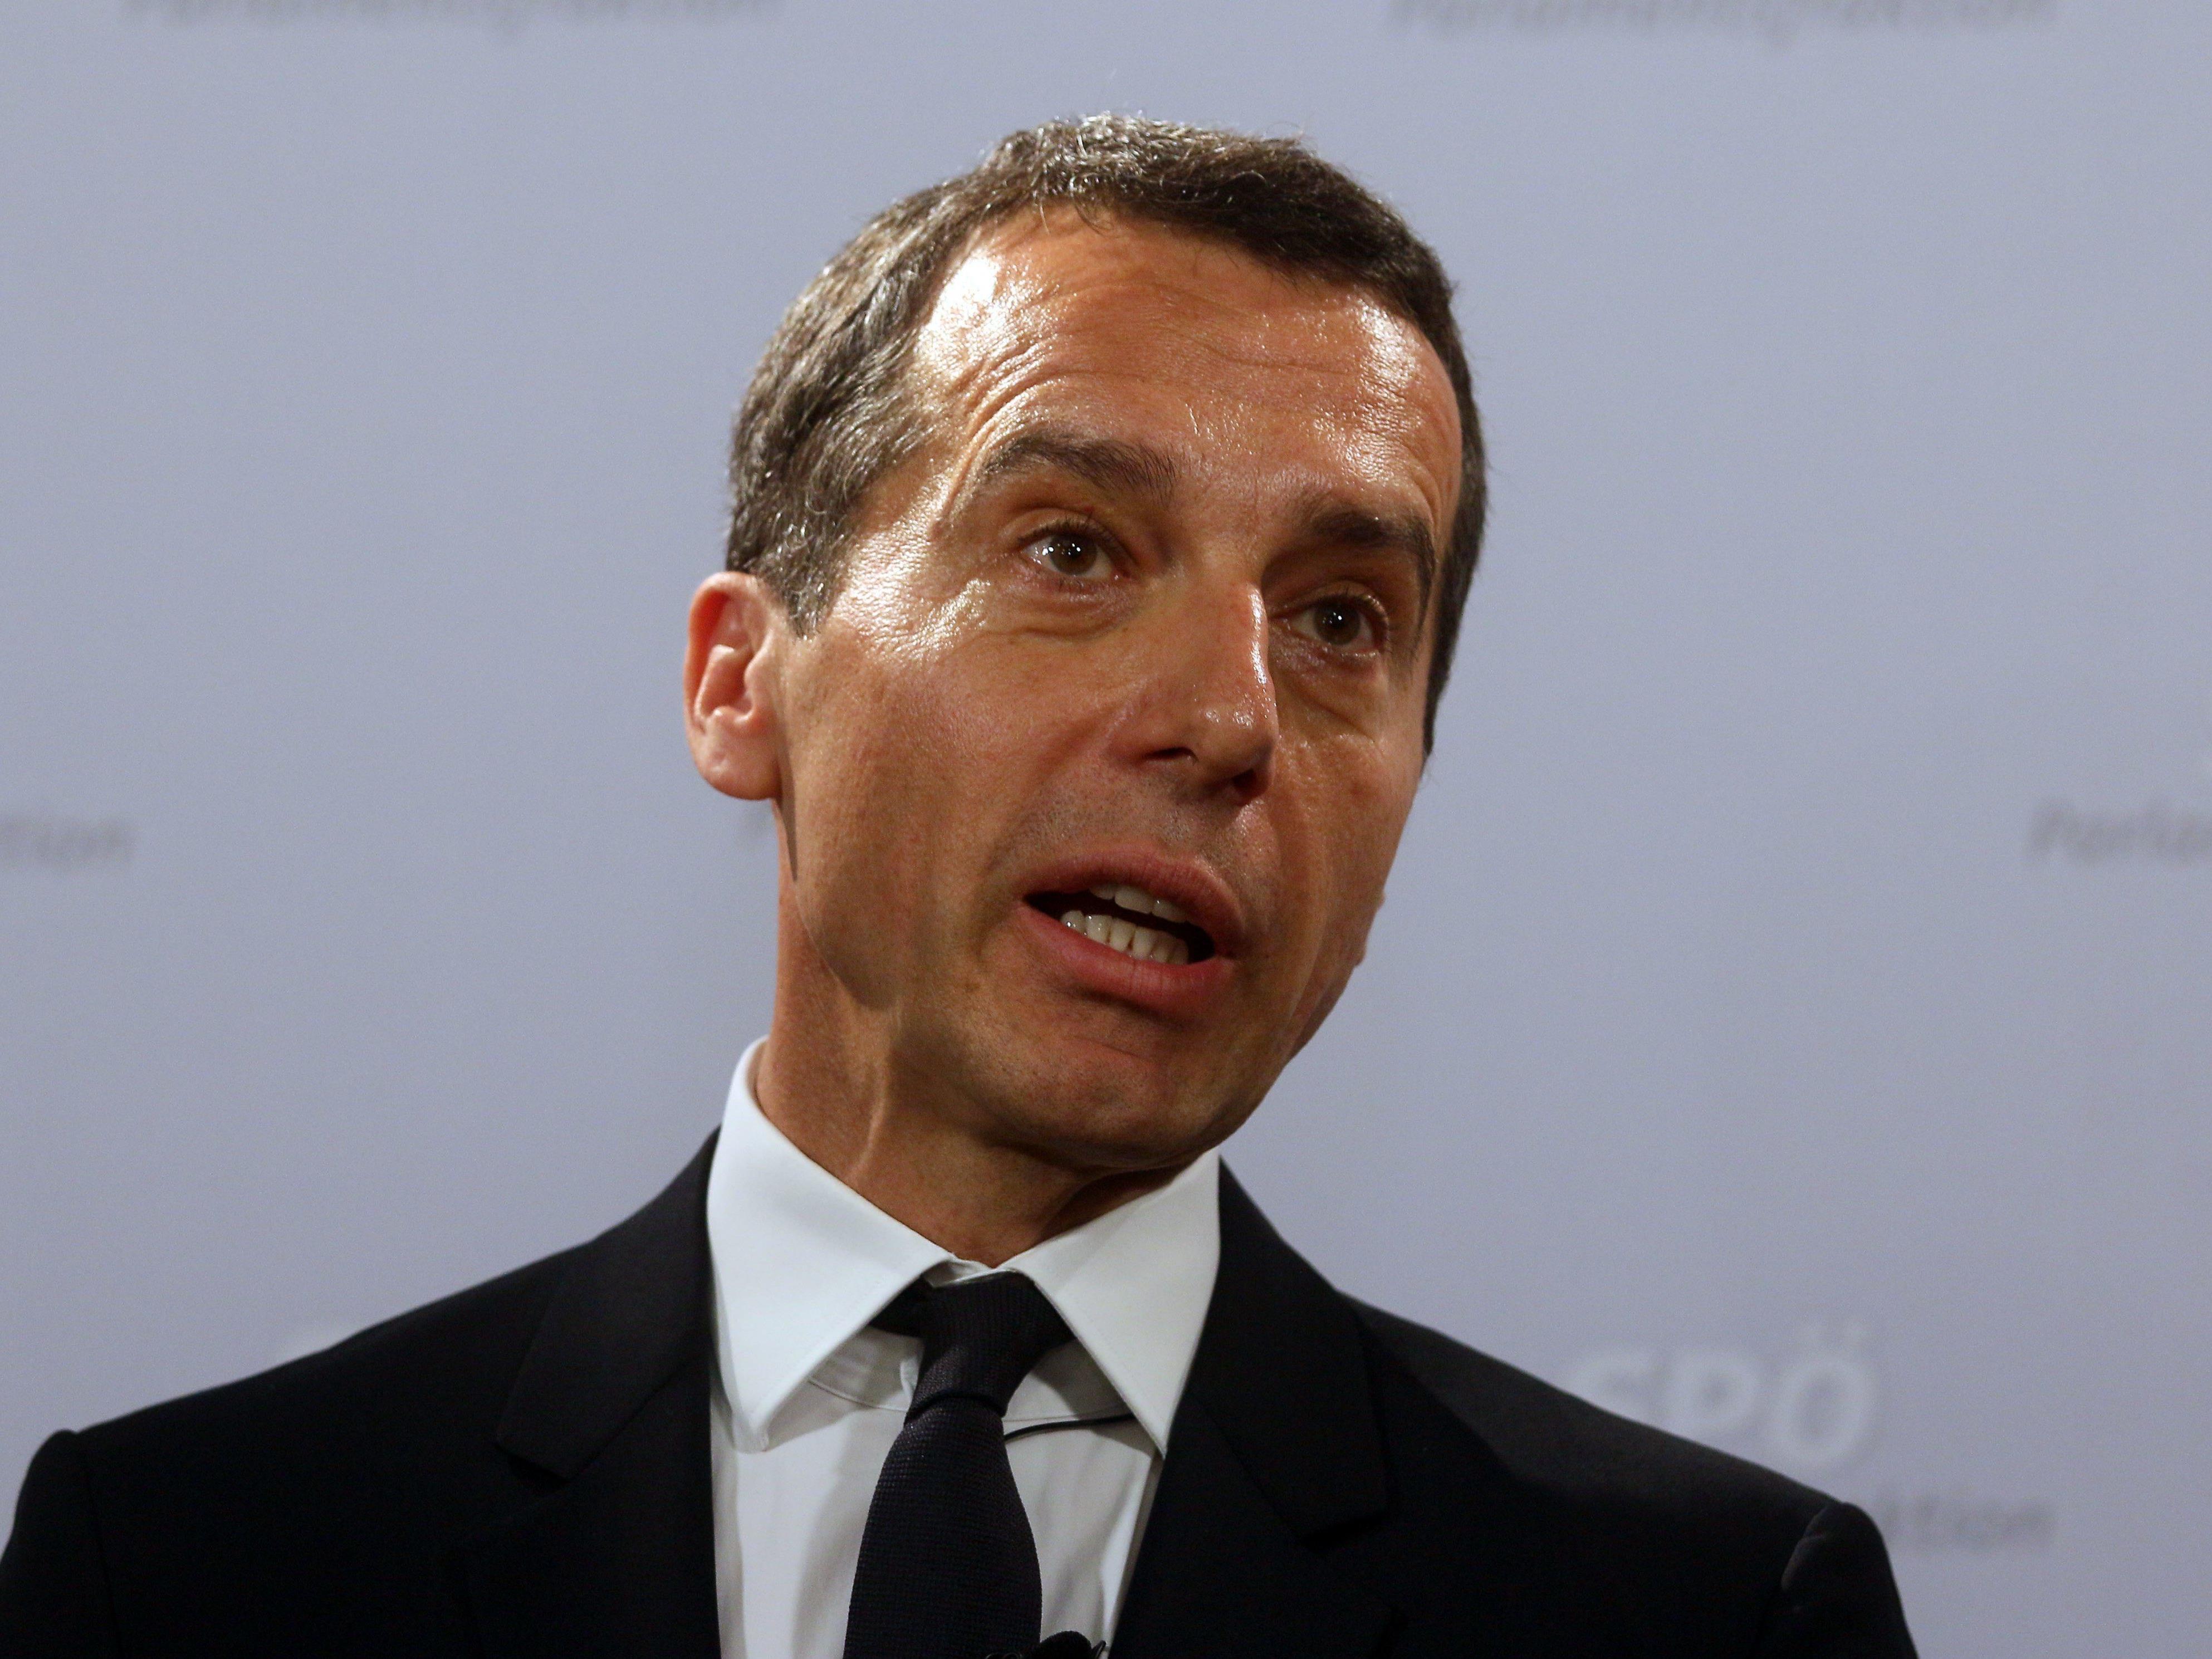 Neuer SPÖ-Chef: Letzte Chance für Neustart, sonst verschwinden Großparteien zu recht von der Bildfläche.